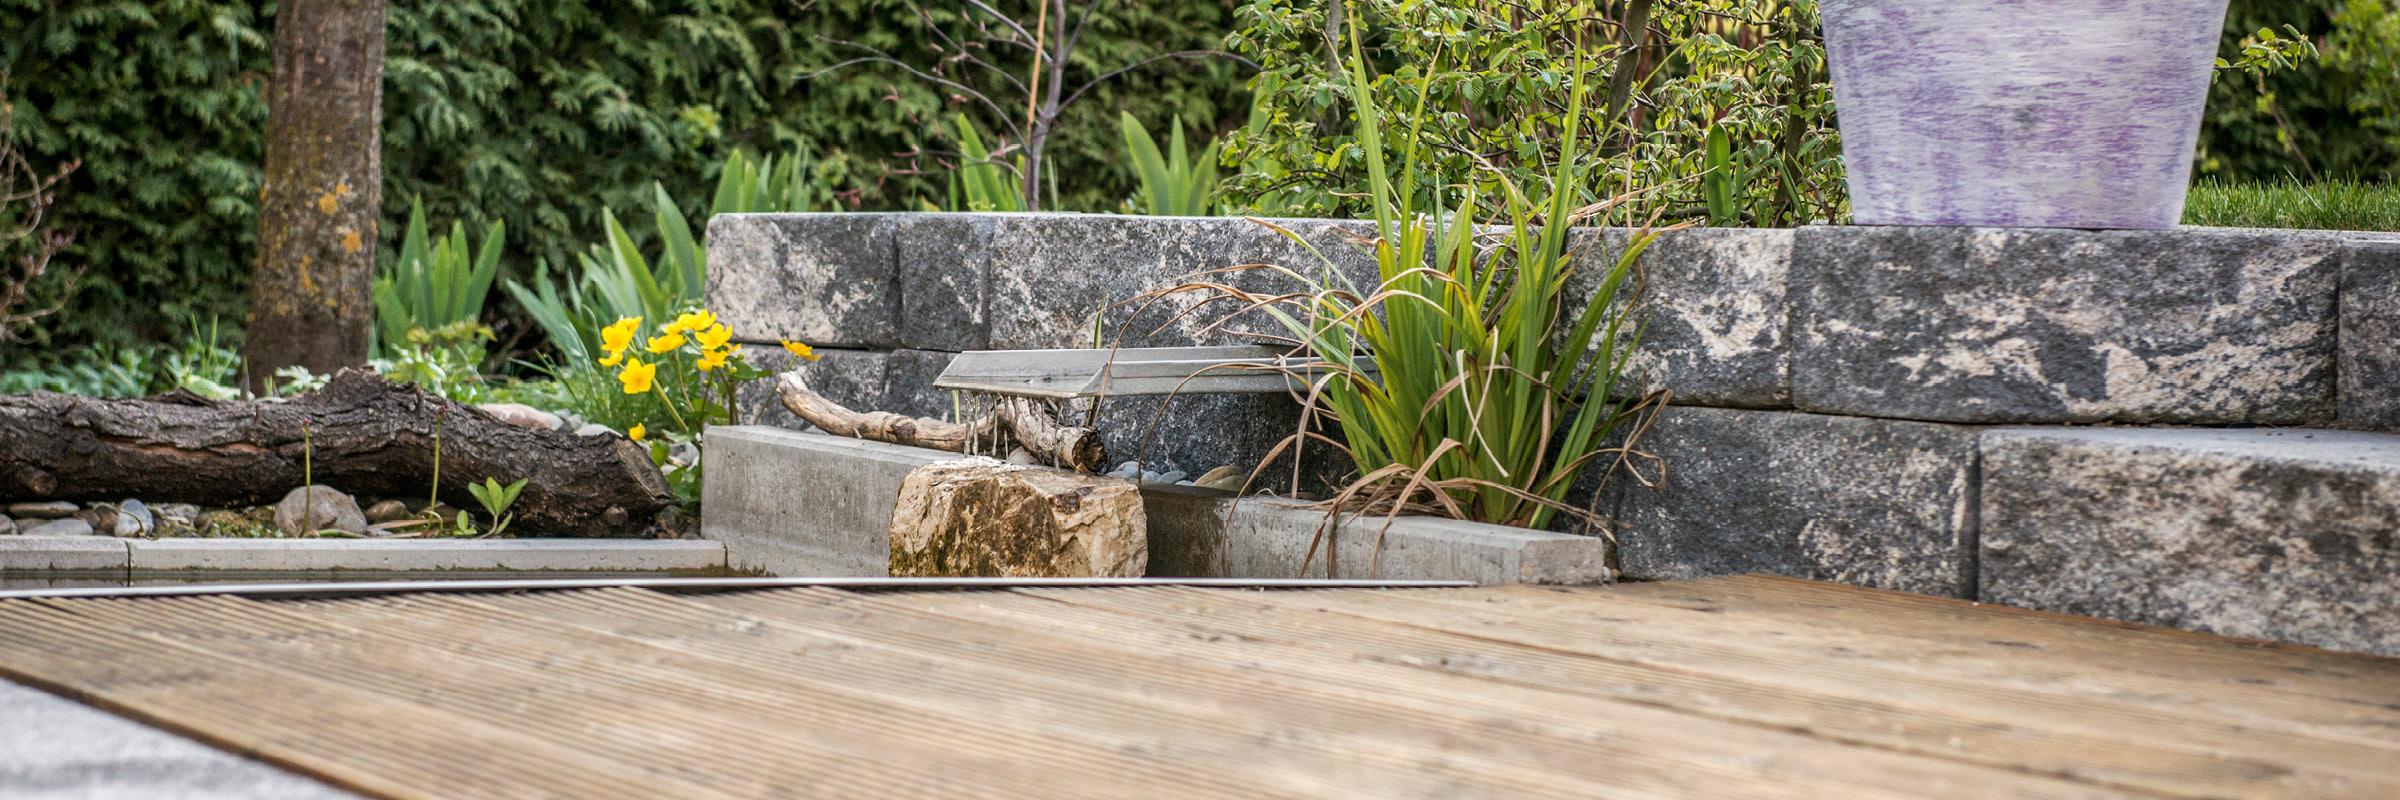 Attraktiv Marlok U0026 Bader U2013 Garten  Und Landschaftsbau Startseite   Marlok U0026 Bader    Garten  Und Landschaftsbau